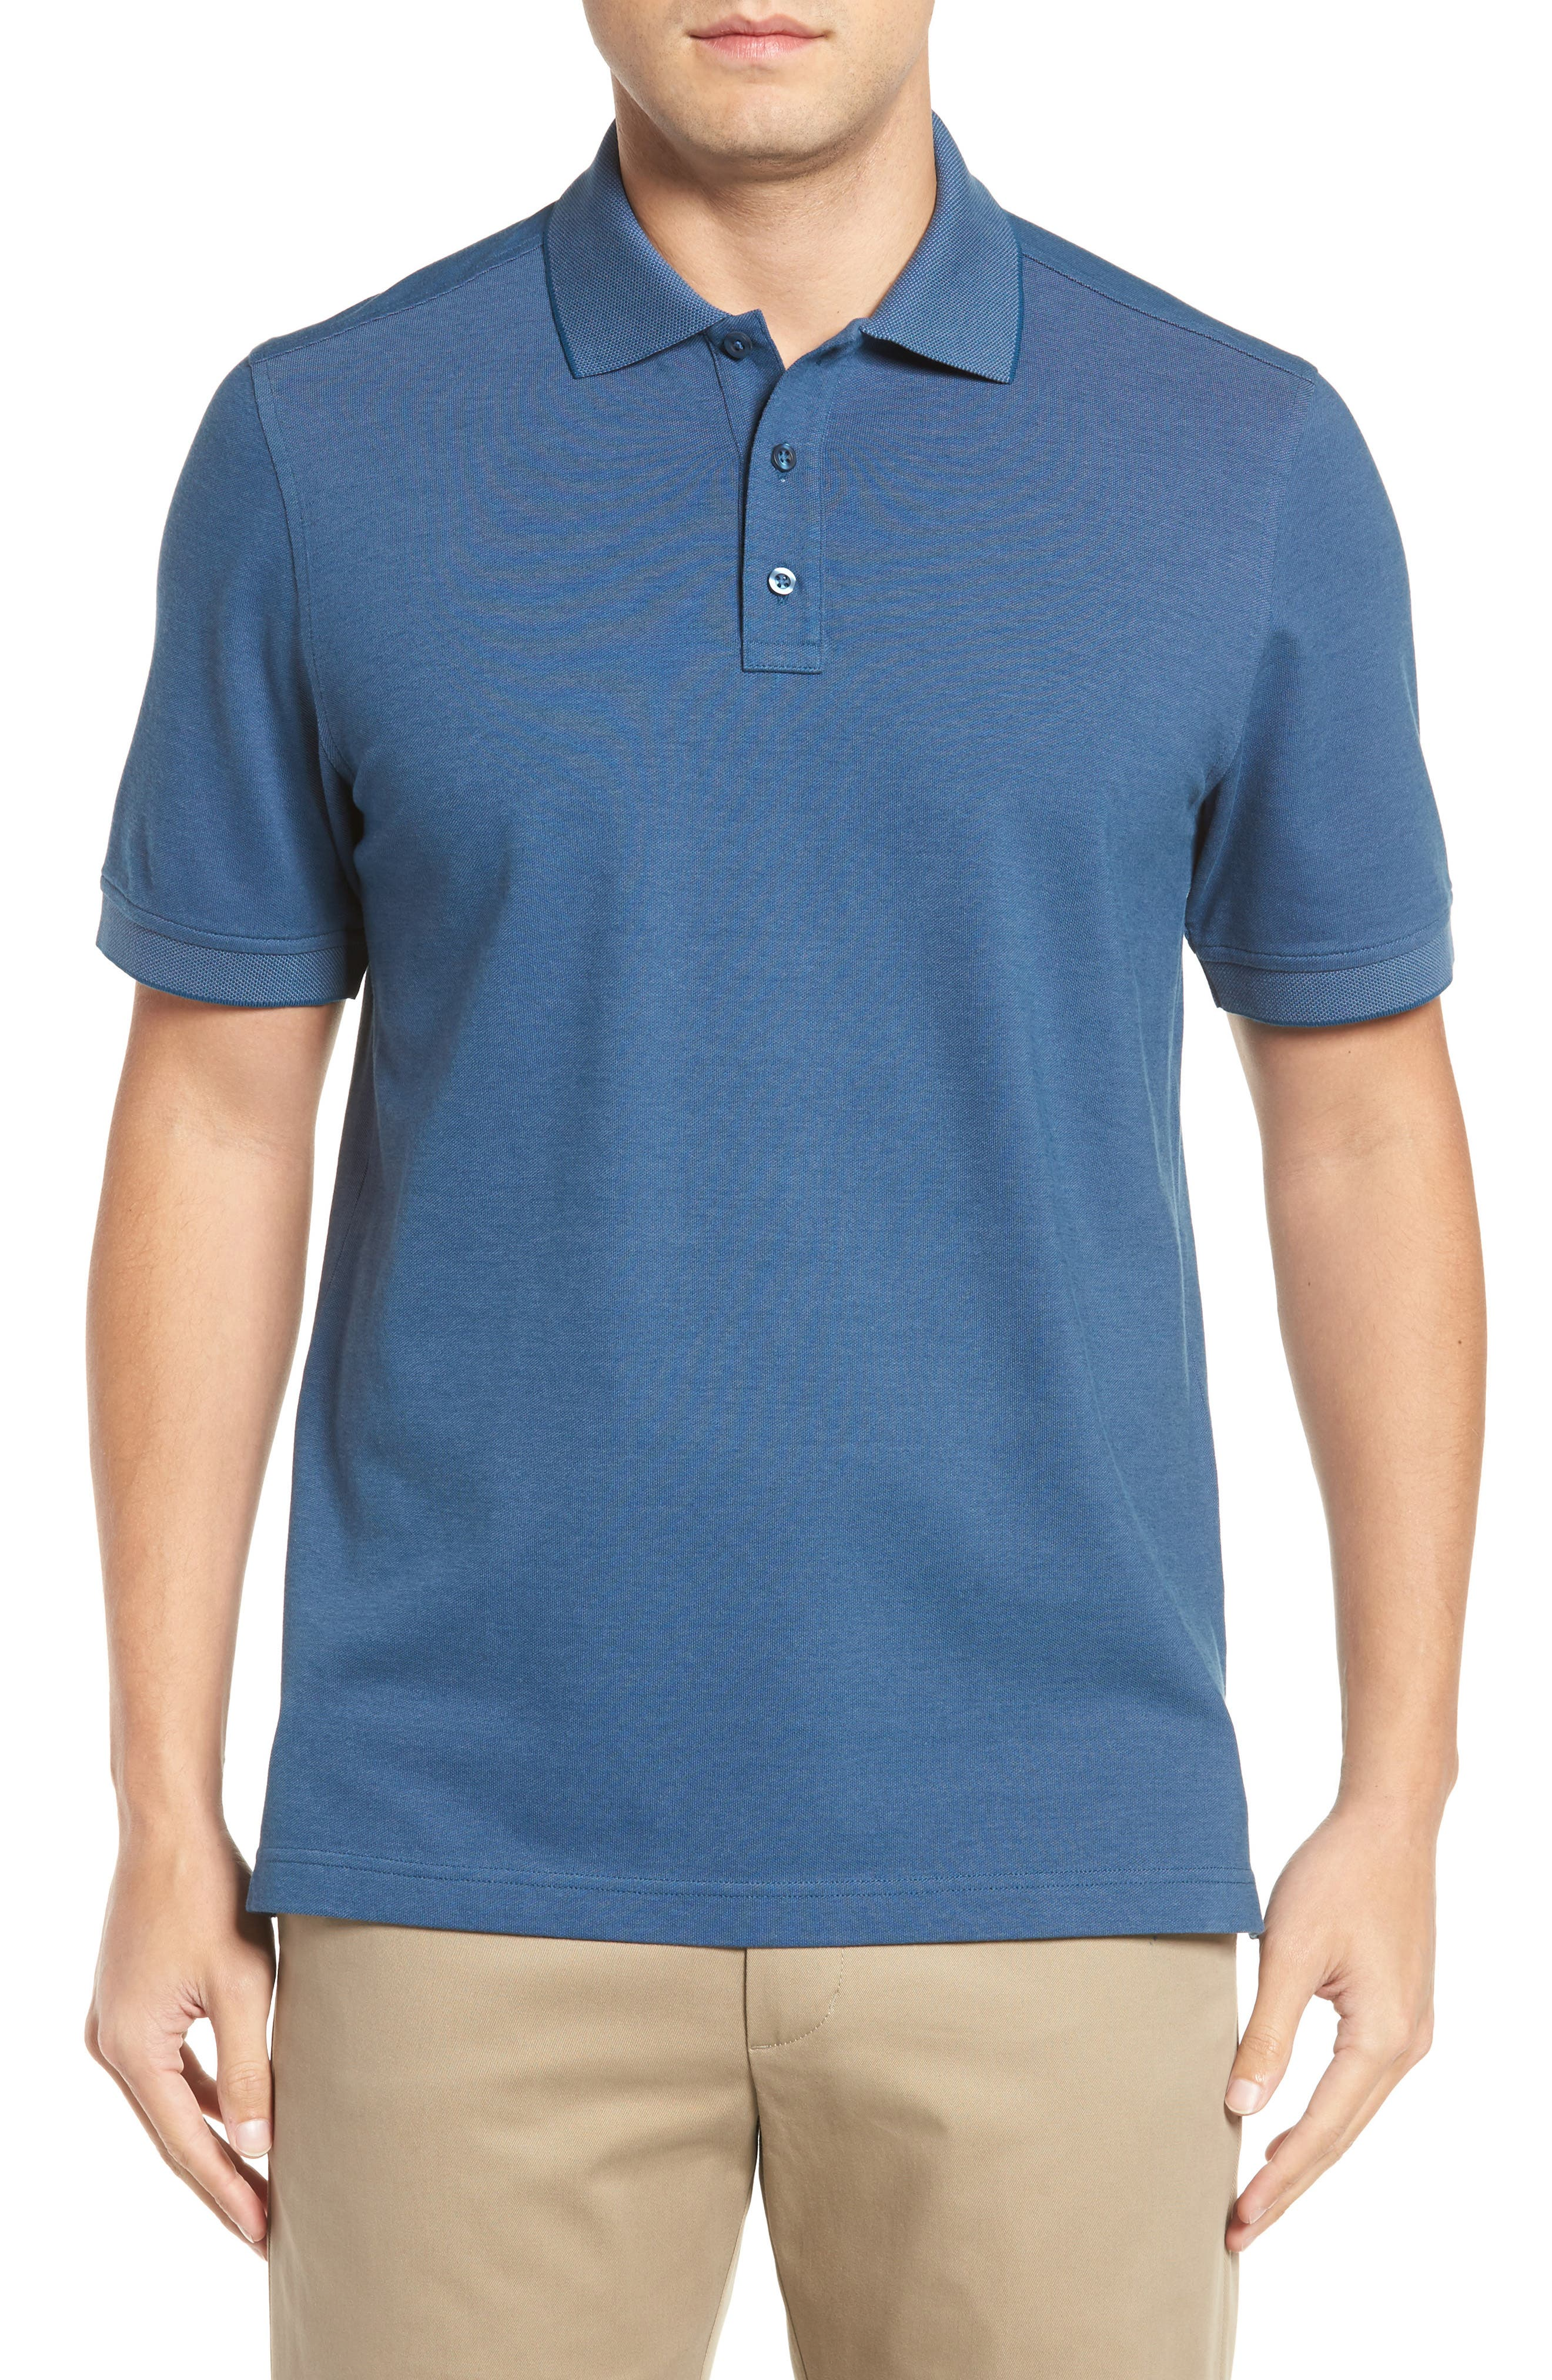 Nordstrom Men's Shop 'Classic' Regular Fit Oxford Piqué Polo (Big)